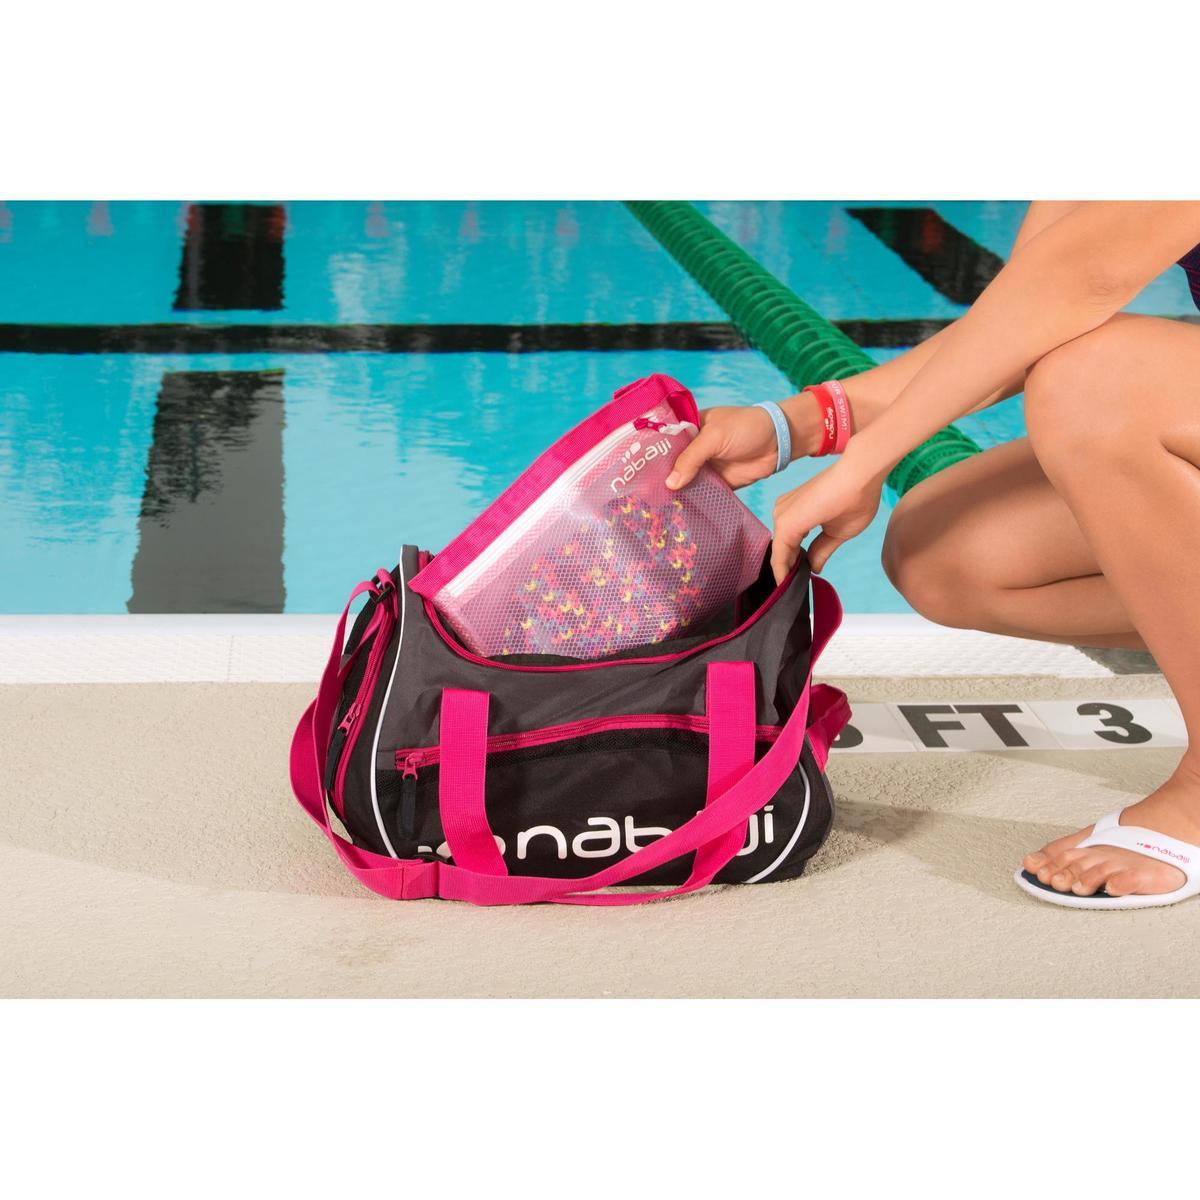 Bild 2 von Schwimmtasche Sporttasche Swimy 30 L grau/rosa